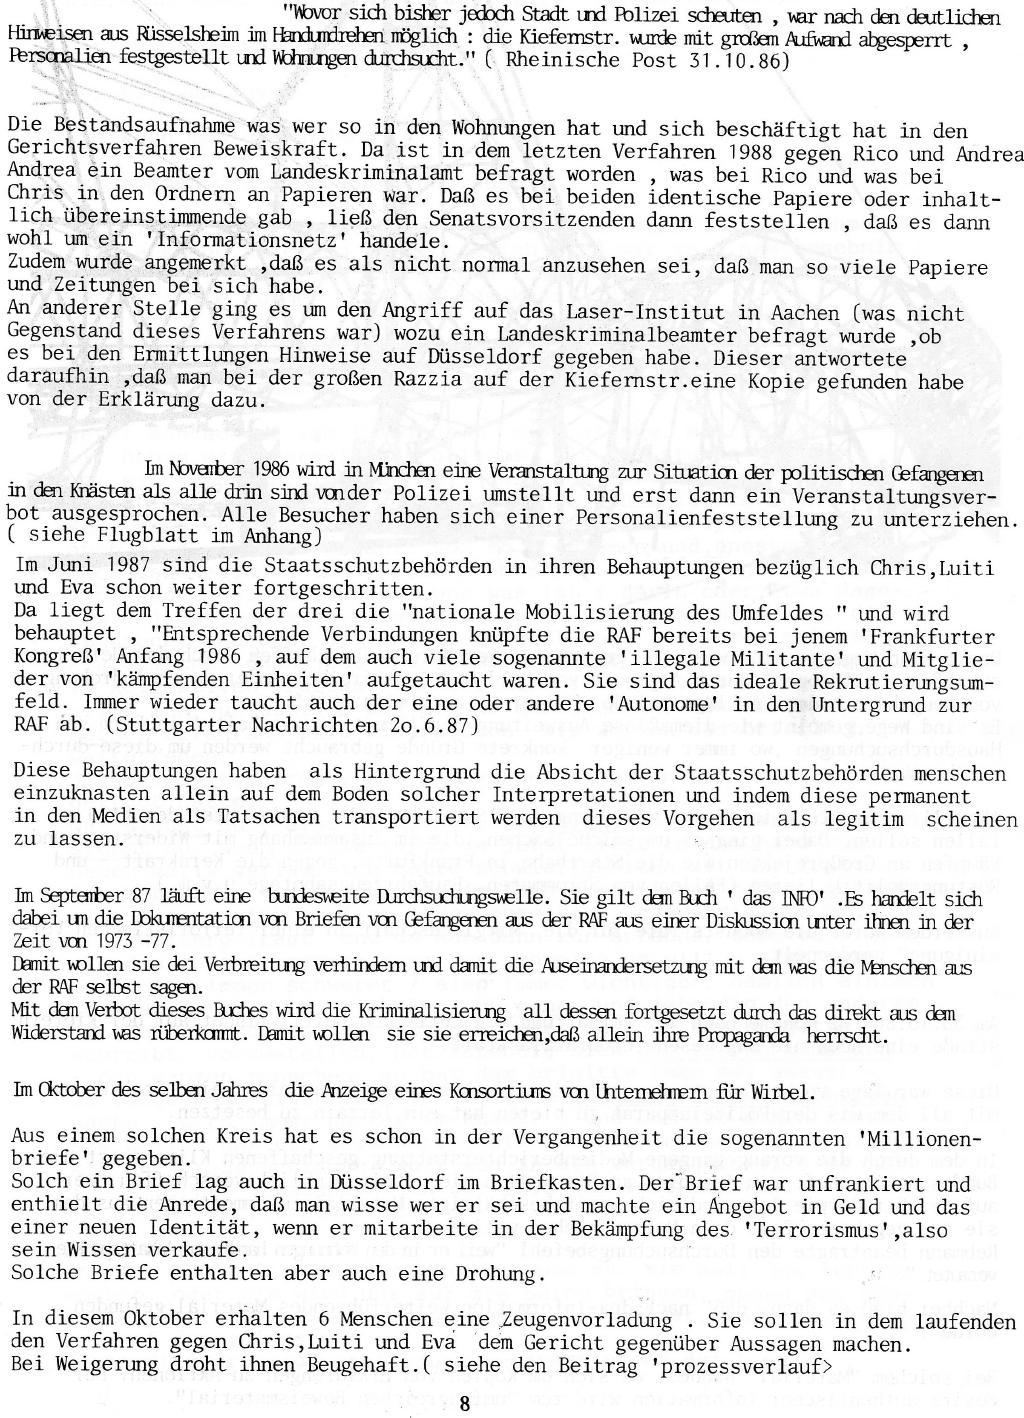 Duesseldorf_1989_Sechs_Politische_Gefangene_008